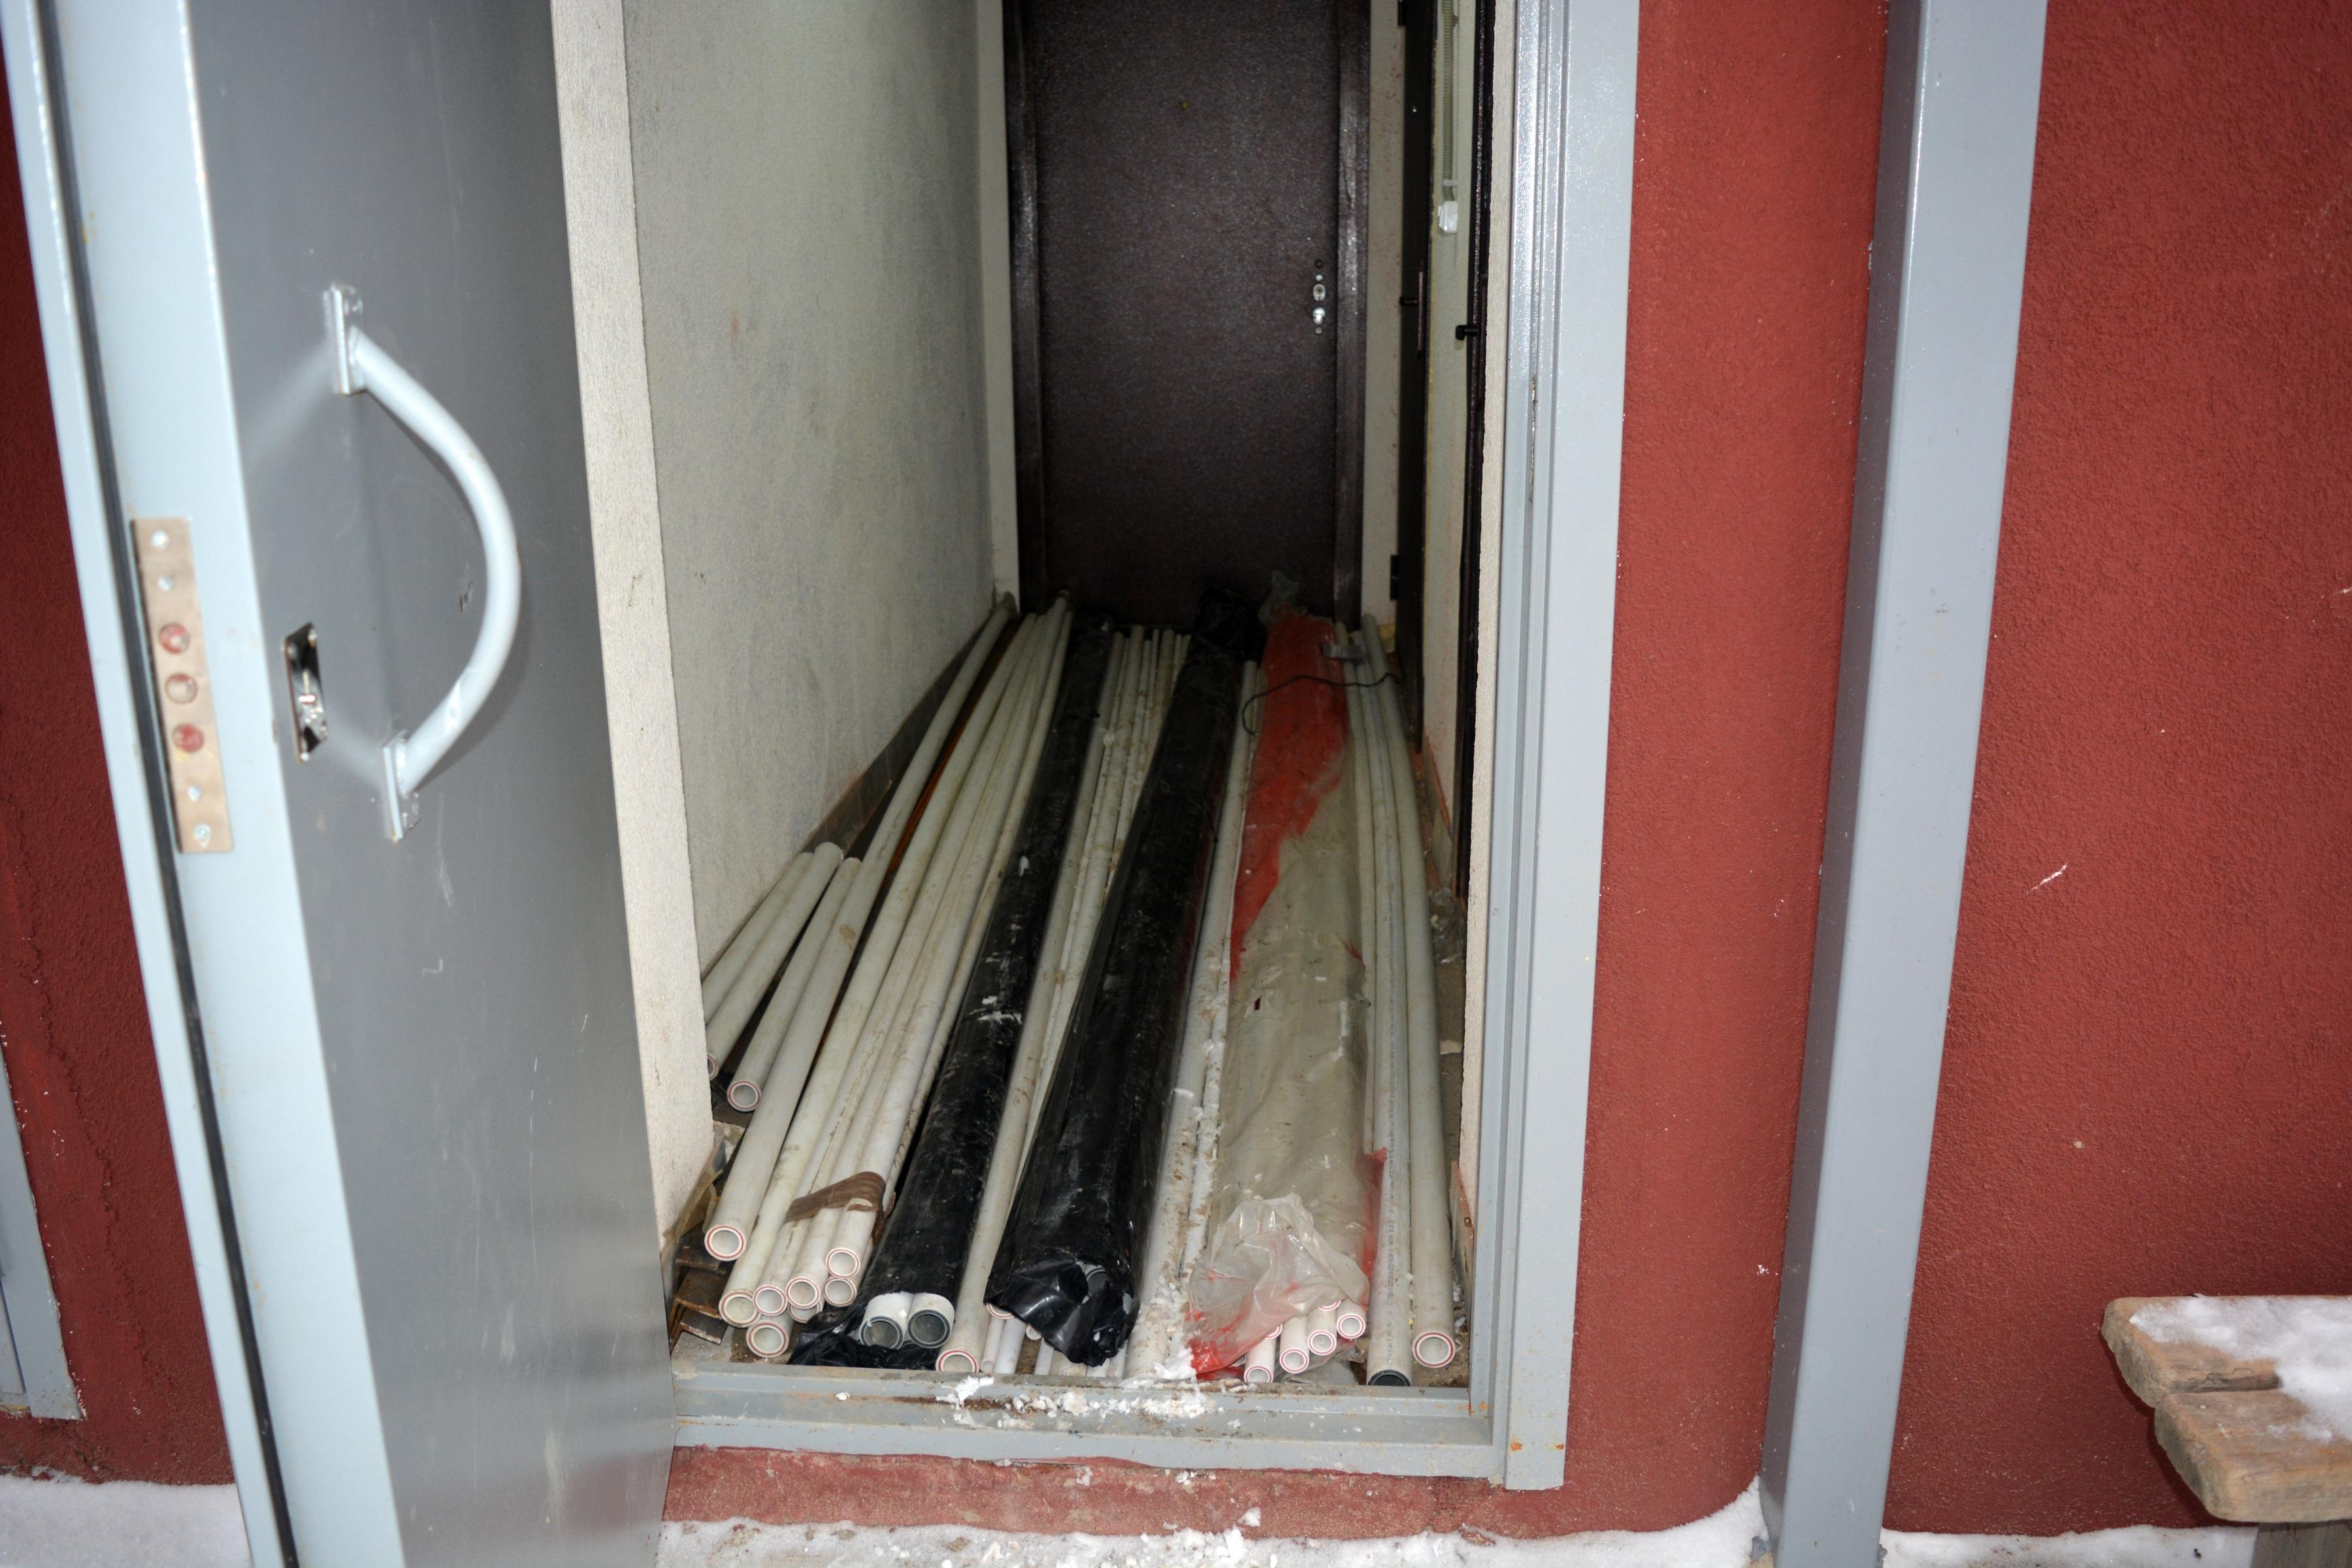 Дом сдан, а монтаж системы теплоснабжения продолжается. Фото: Алексей Владимиров